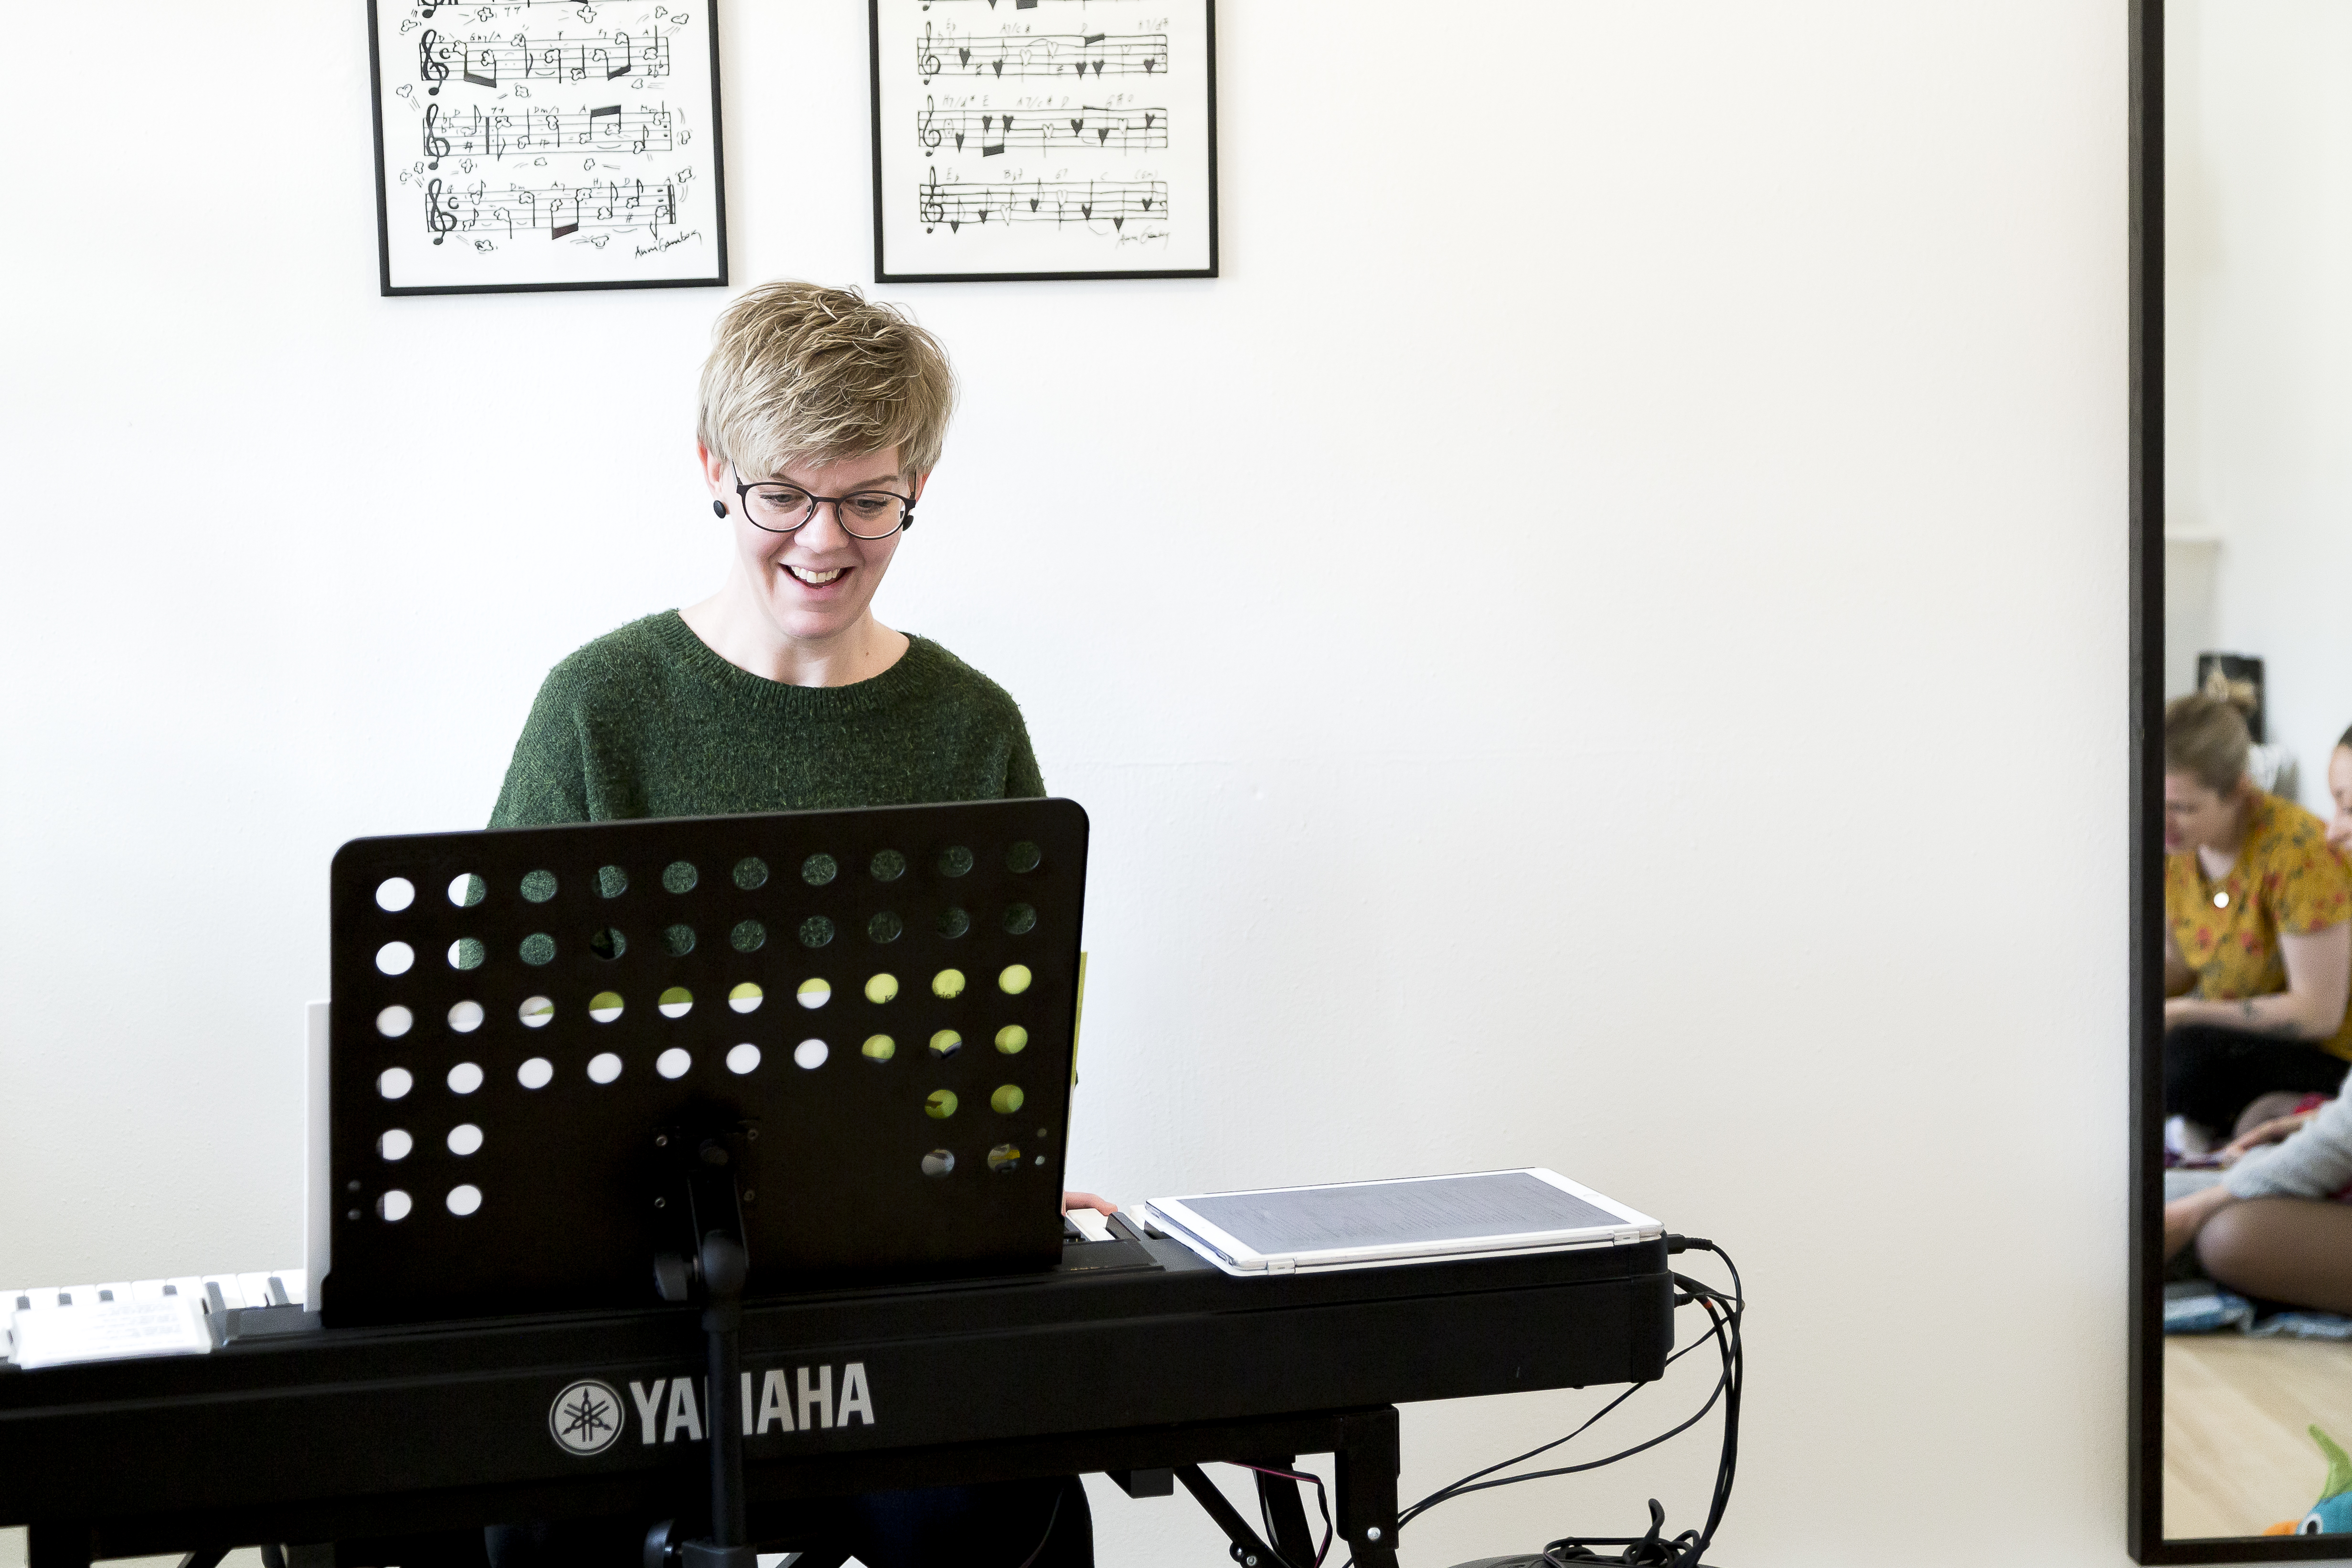 Billede af Anna klinkby ved klaver